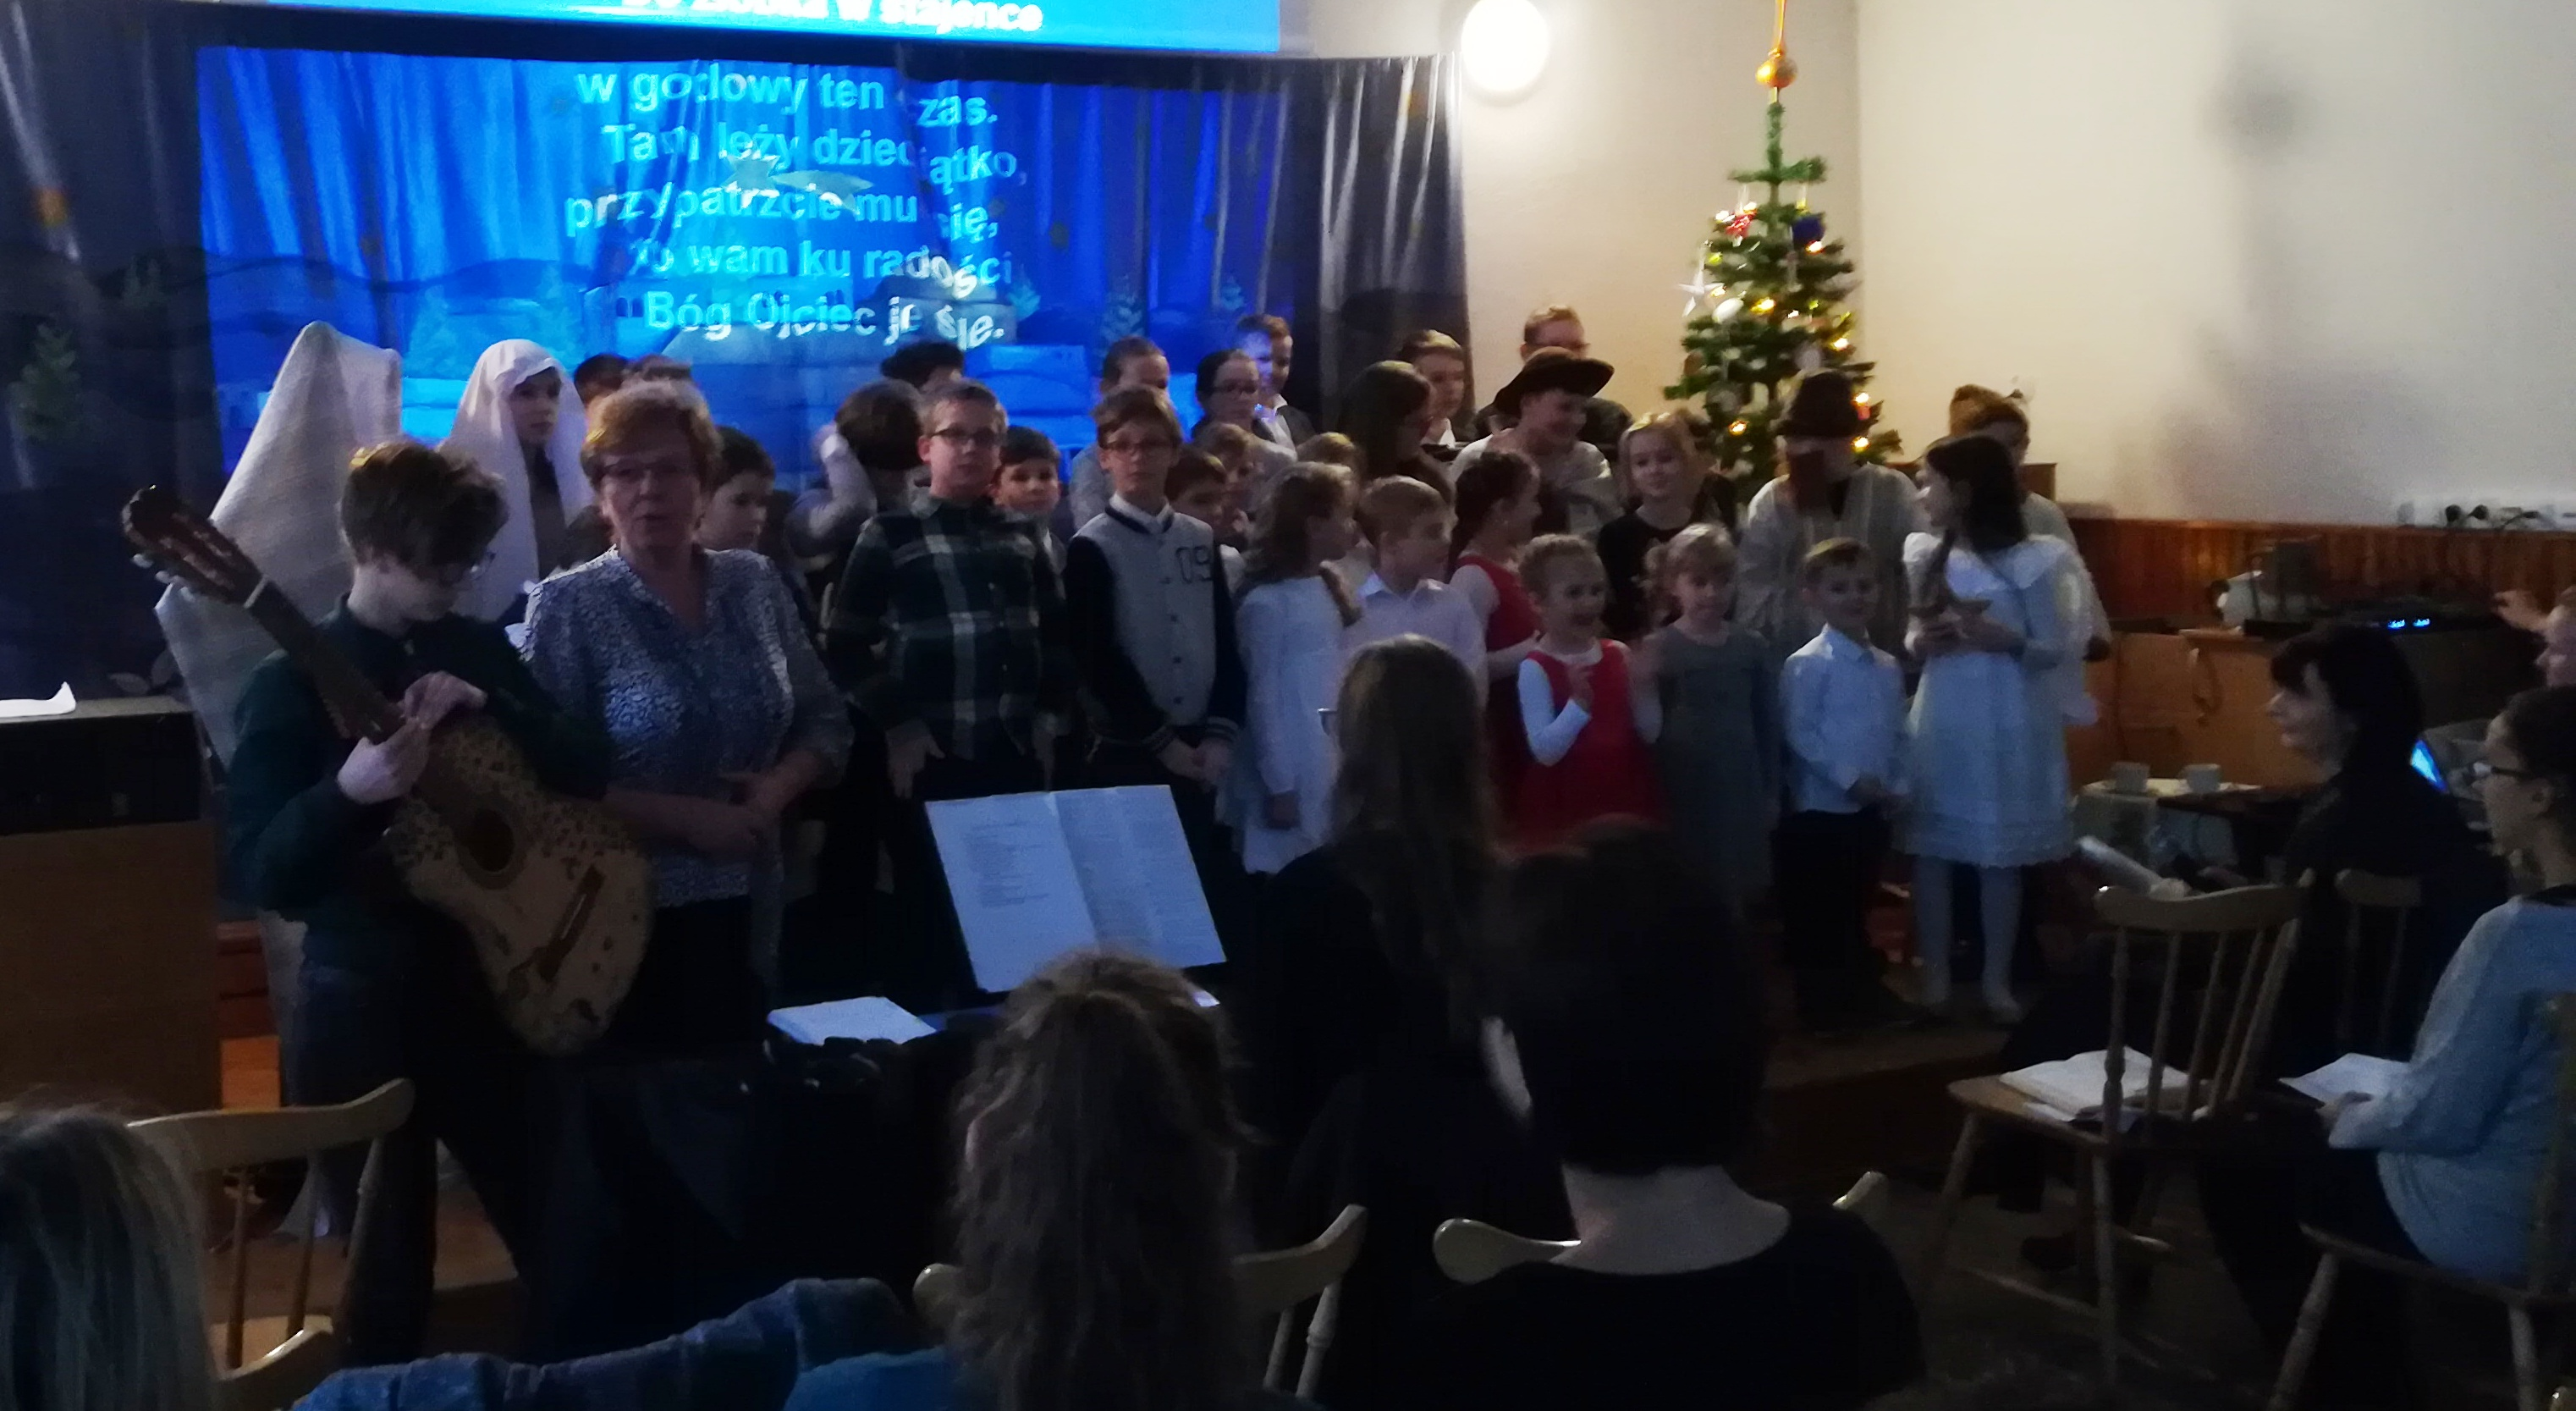 Mały Bóg przychodzi do ciebie – świąteczne spotkanie dzieci i rodziców w Jaworzu.